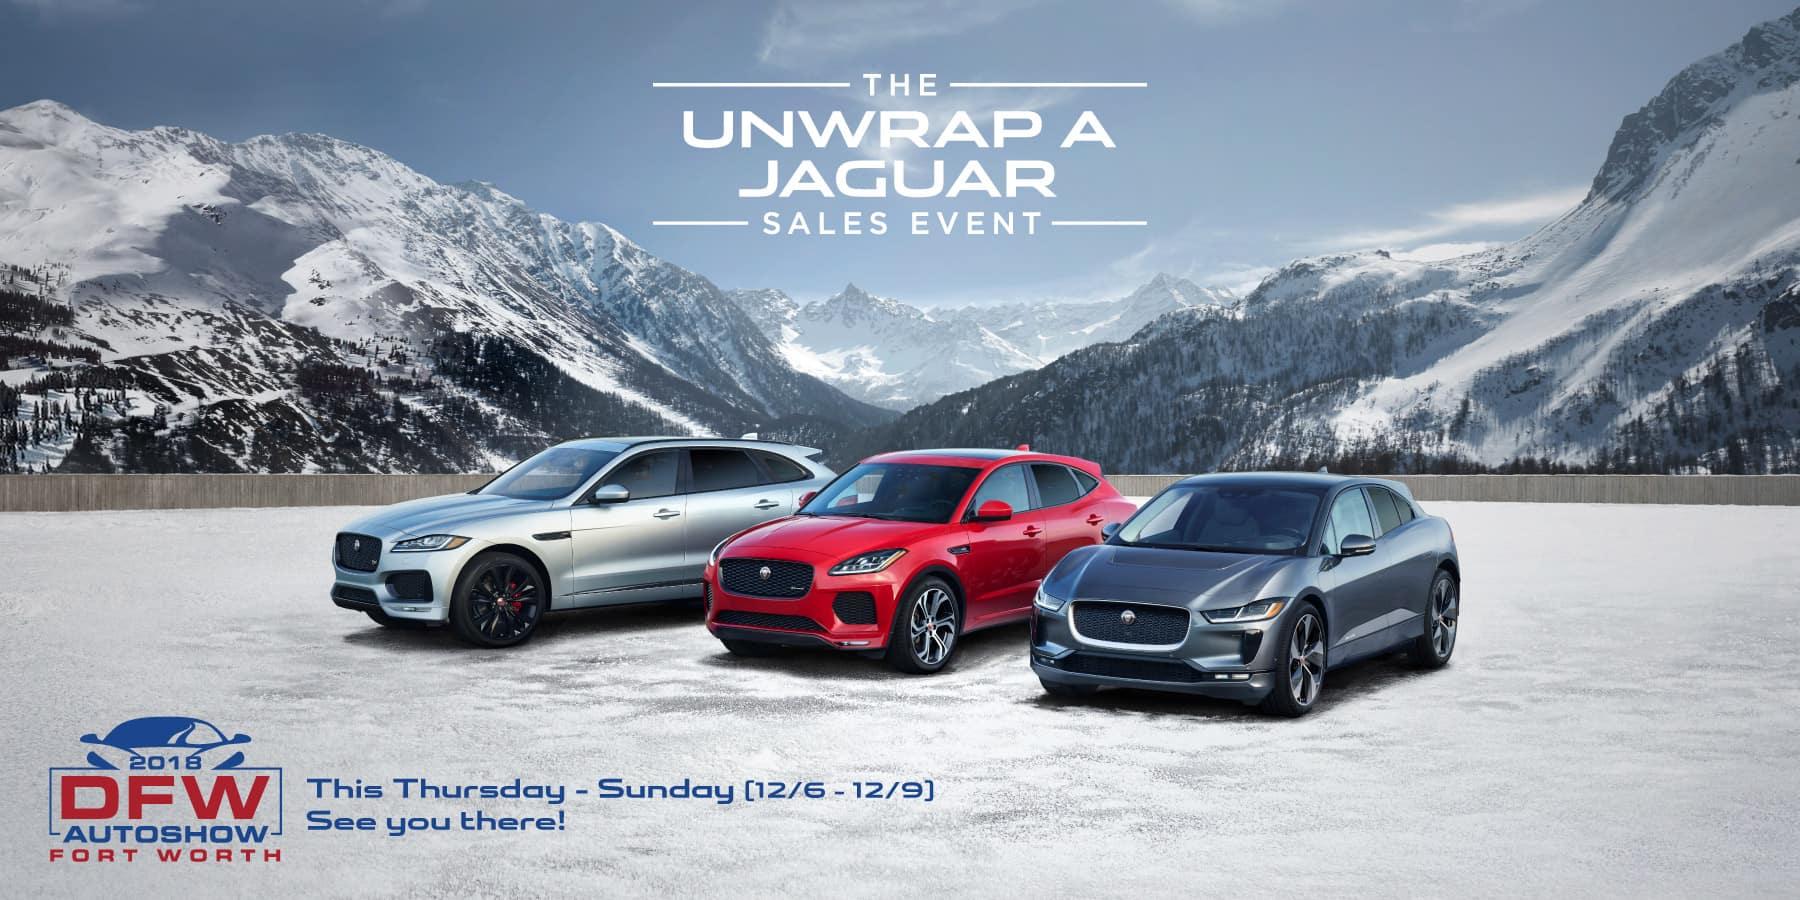 Autobahn Jaguar | Urwrap a Jaguar Sales Event